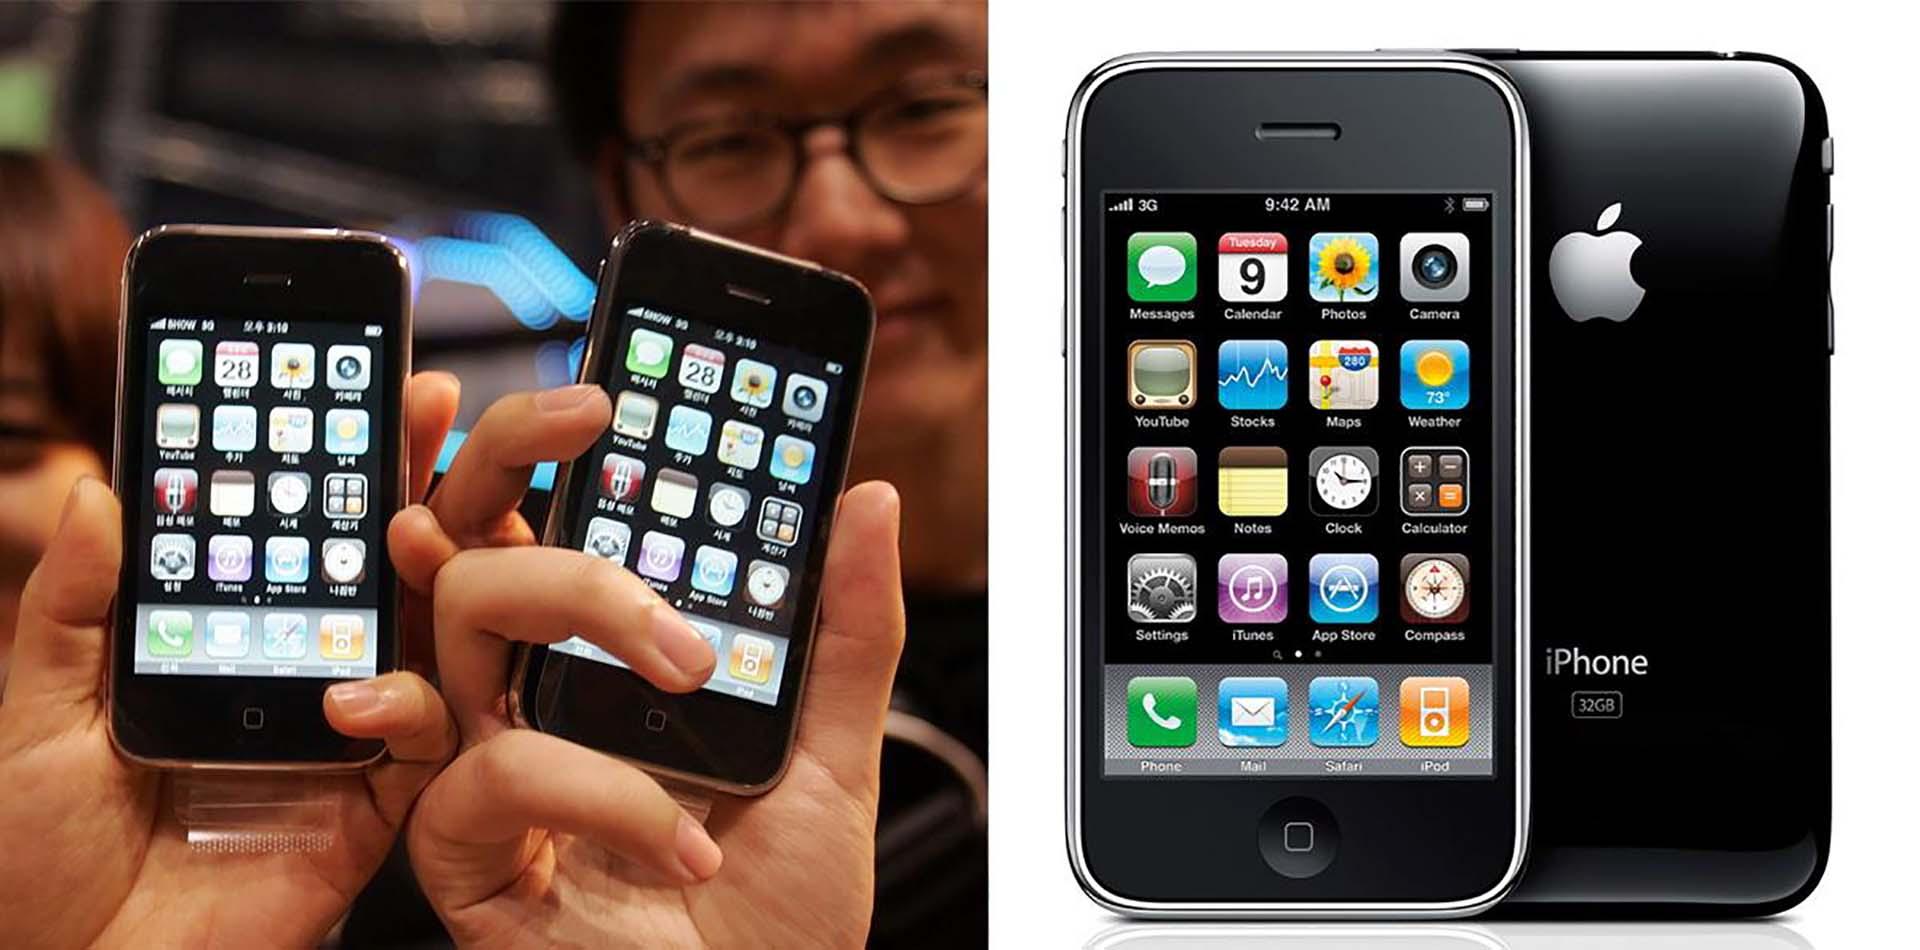 8318fb4a7cb La evolución del iPhone - Infobae